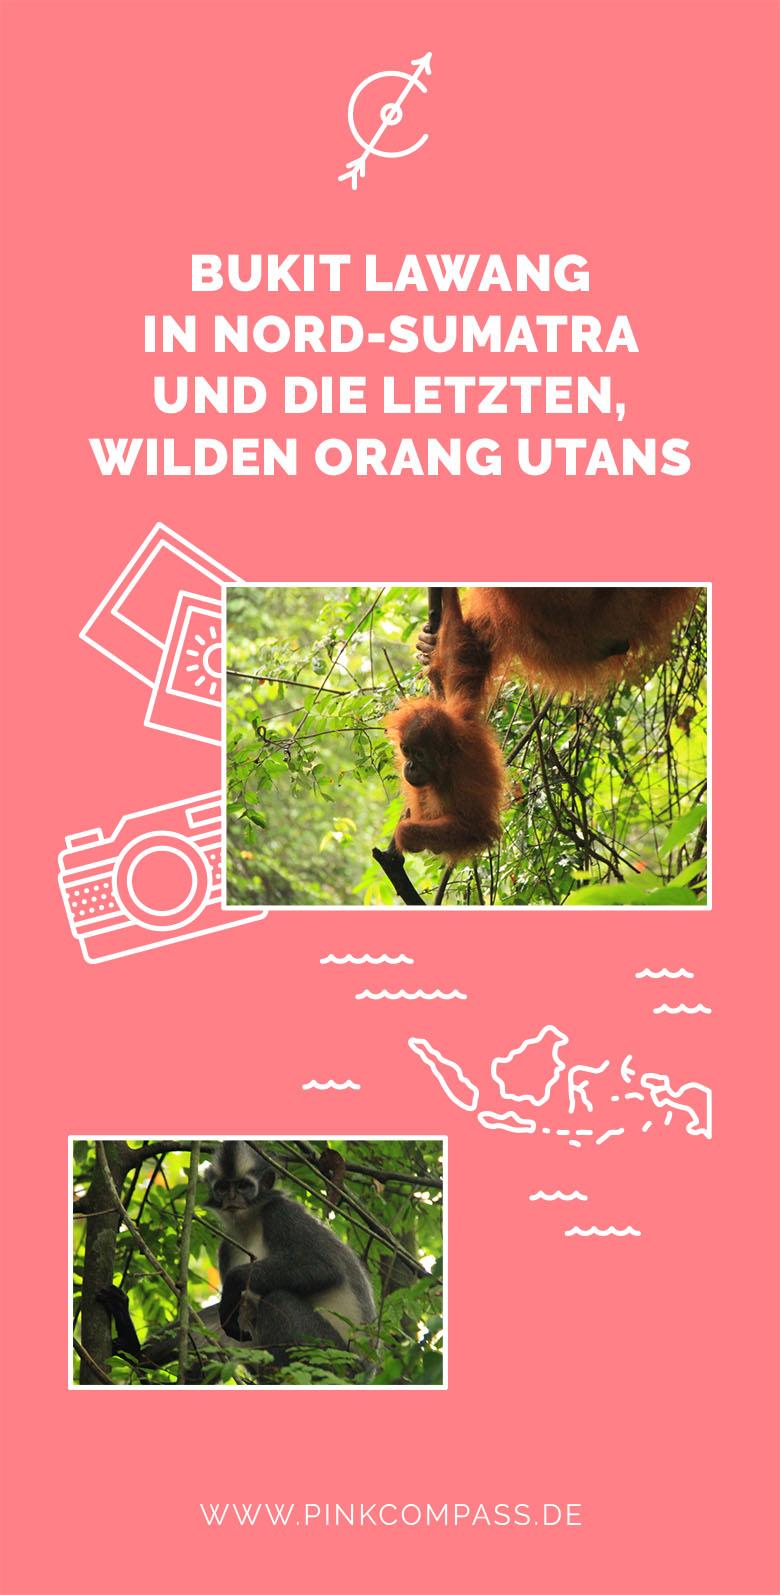 Bukit Lawang in Nord-Sumatra und die letzten wilden Orang Utans-PinkCompass-pink